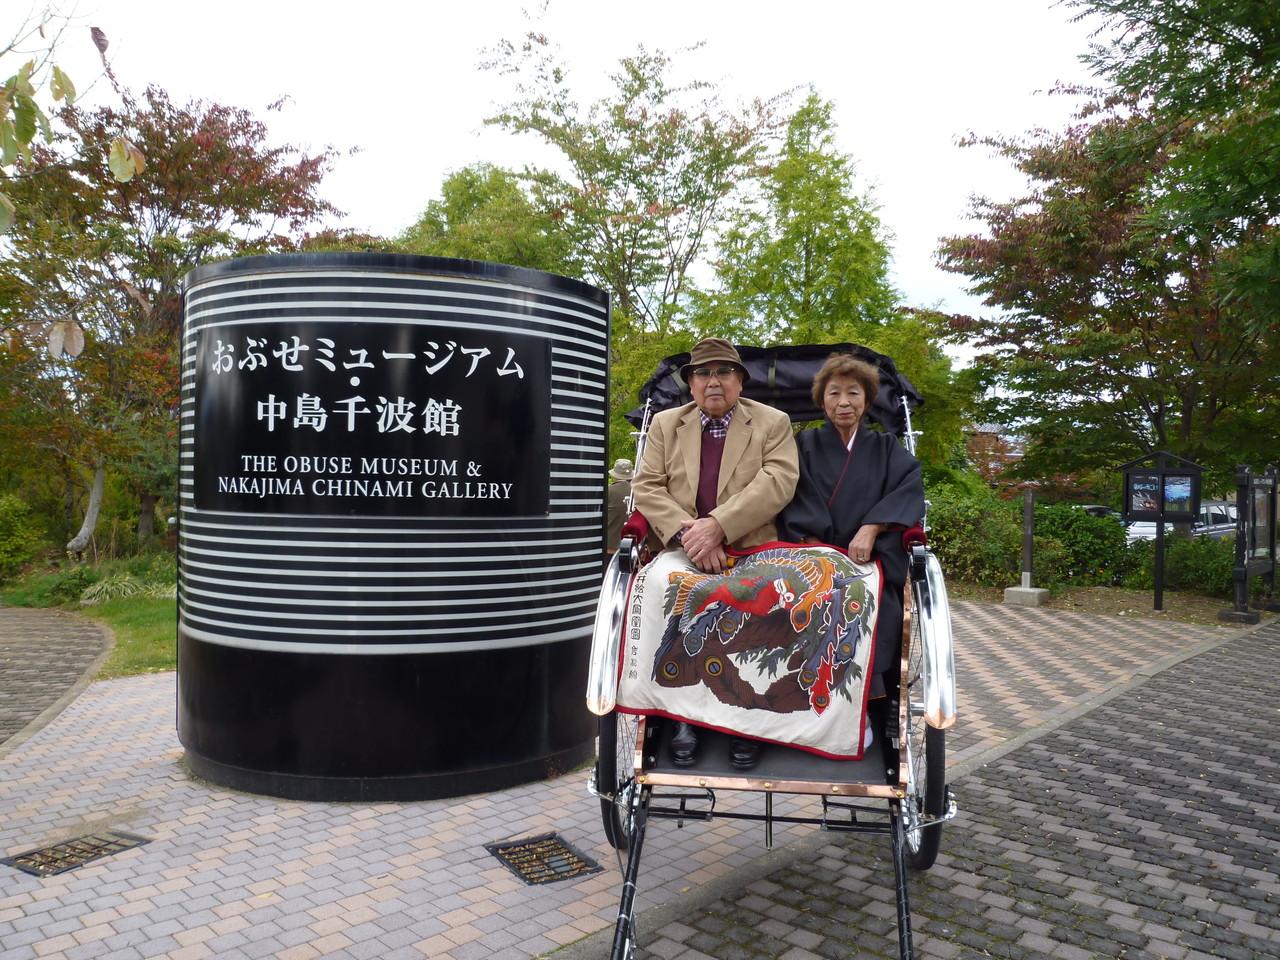 2014 19 28! 埼玉からのお越しありがとうございます!2